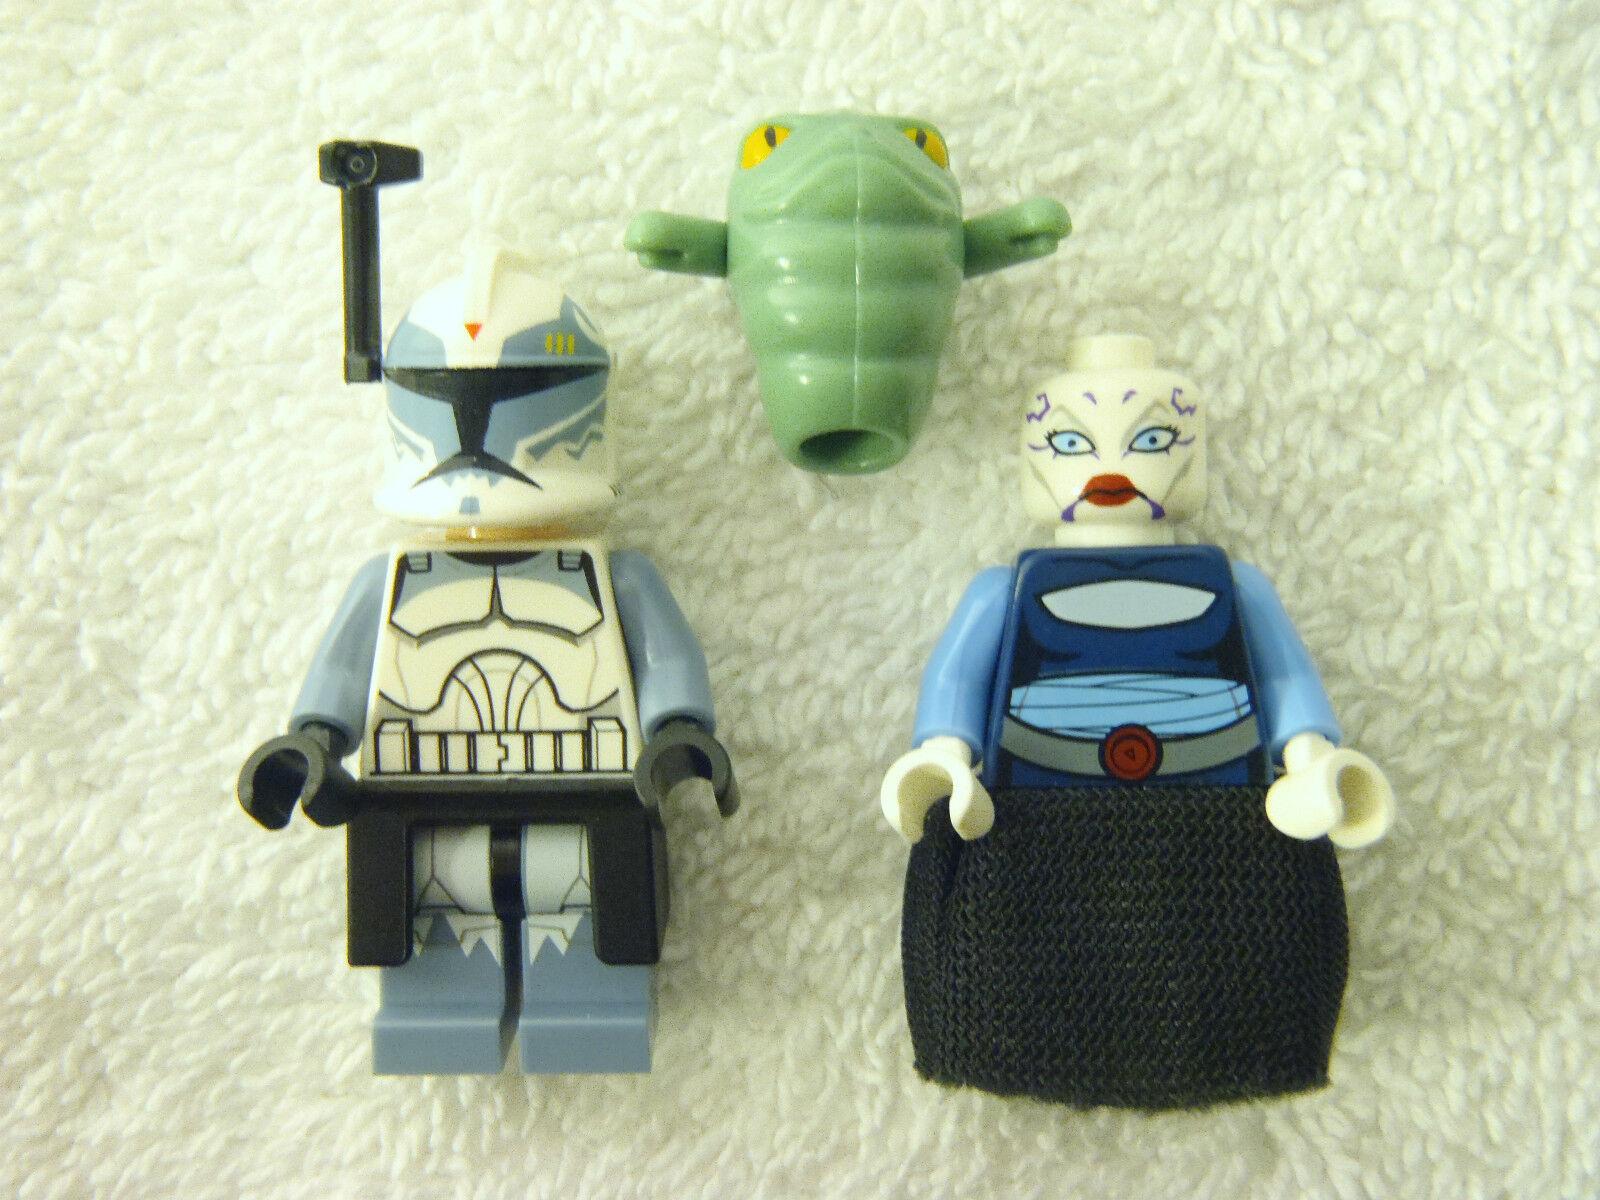 LEGO - Lot - Star Wars-Clone Wars- Rotta/ Wolffe/ Ventress